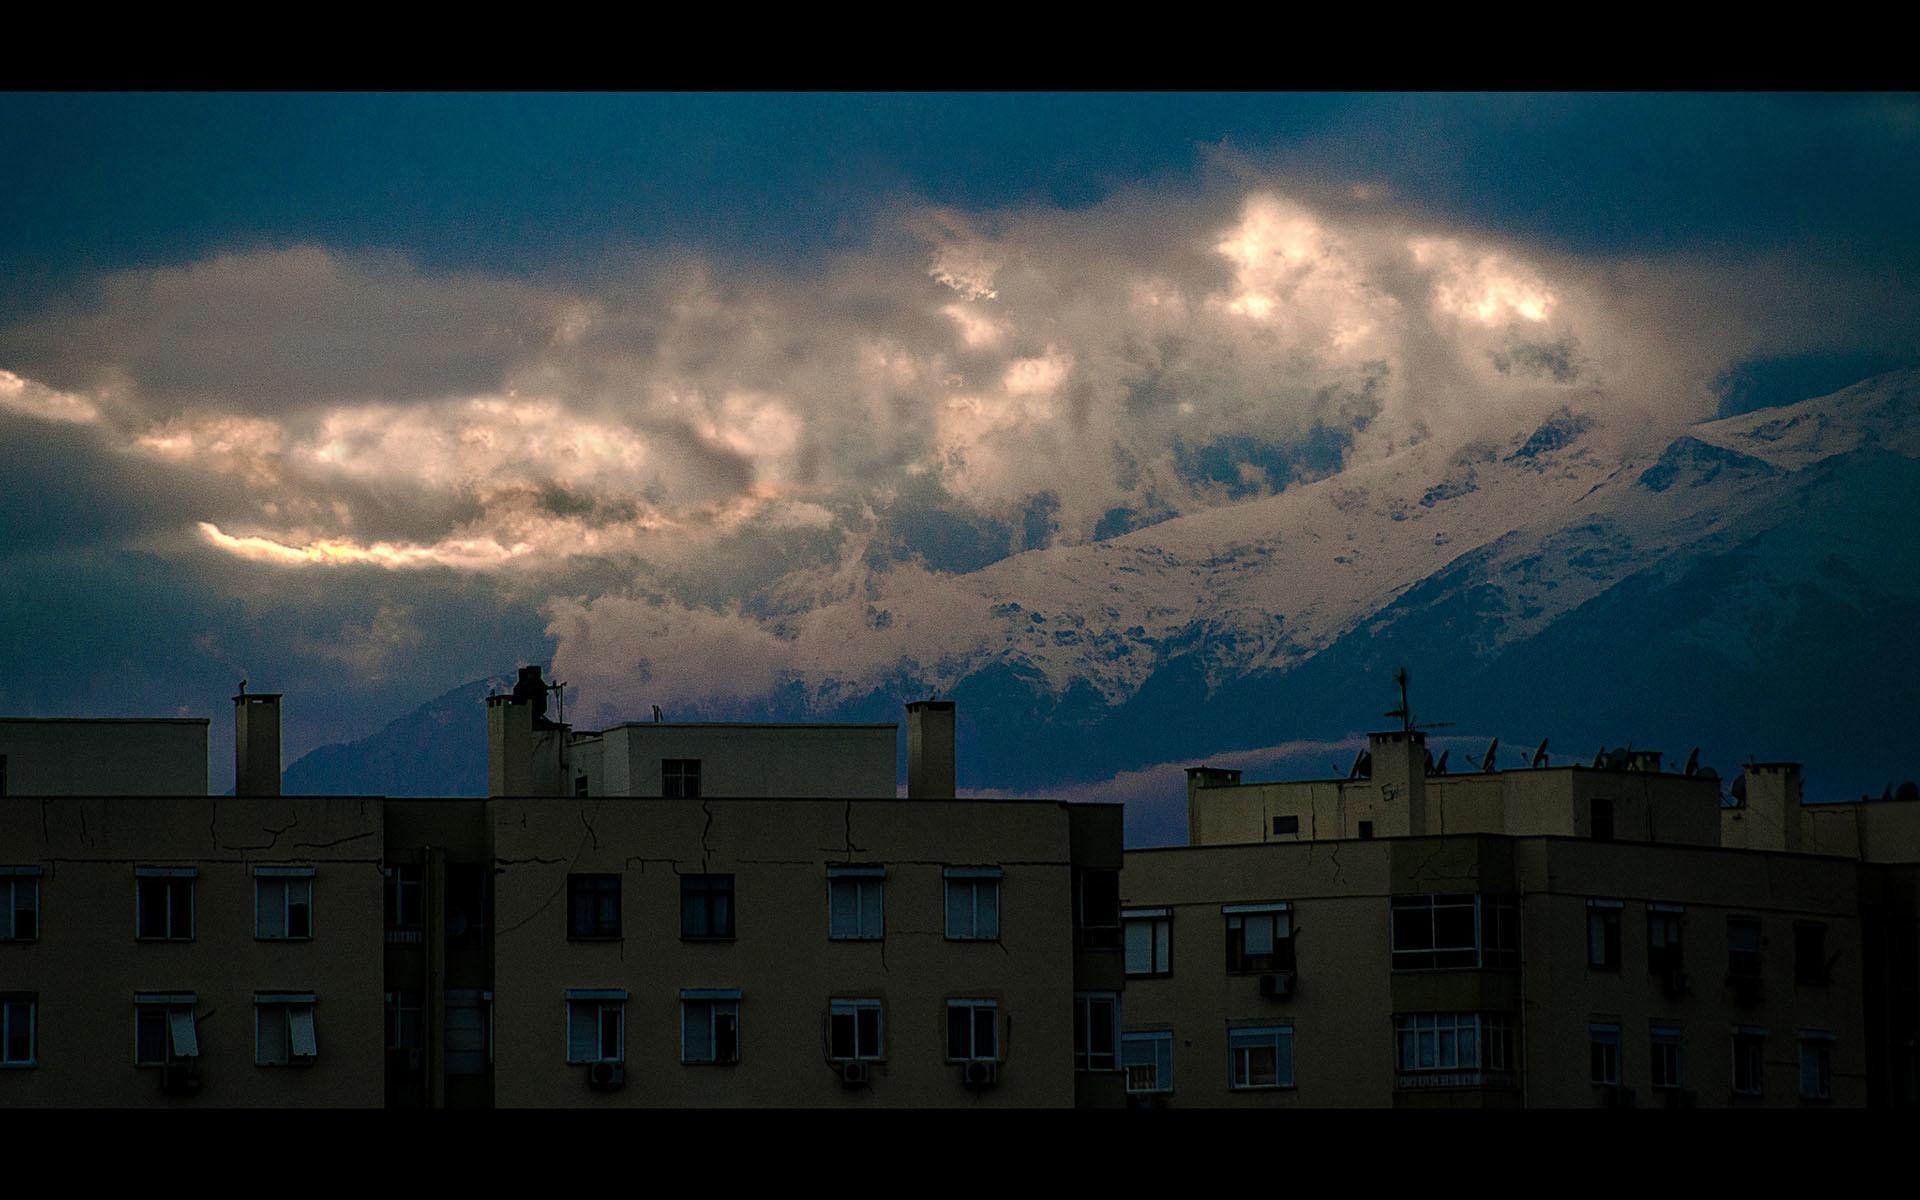 dağlar ve evler